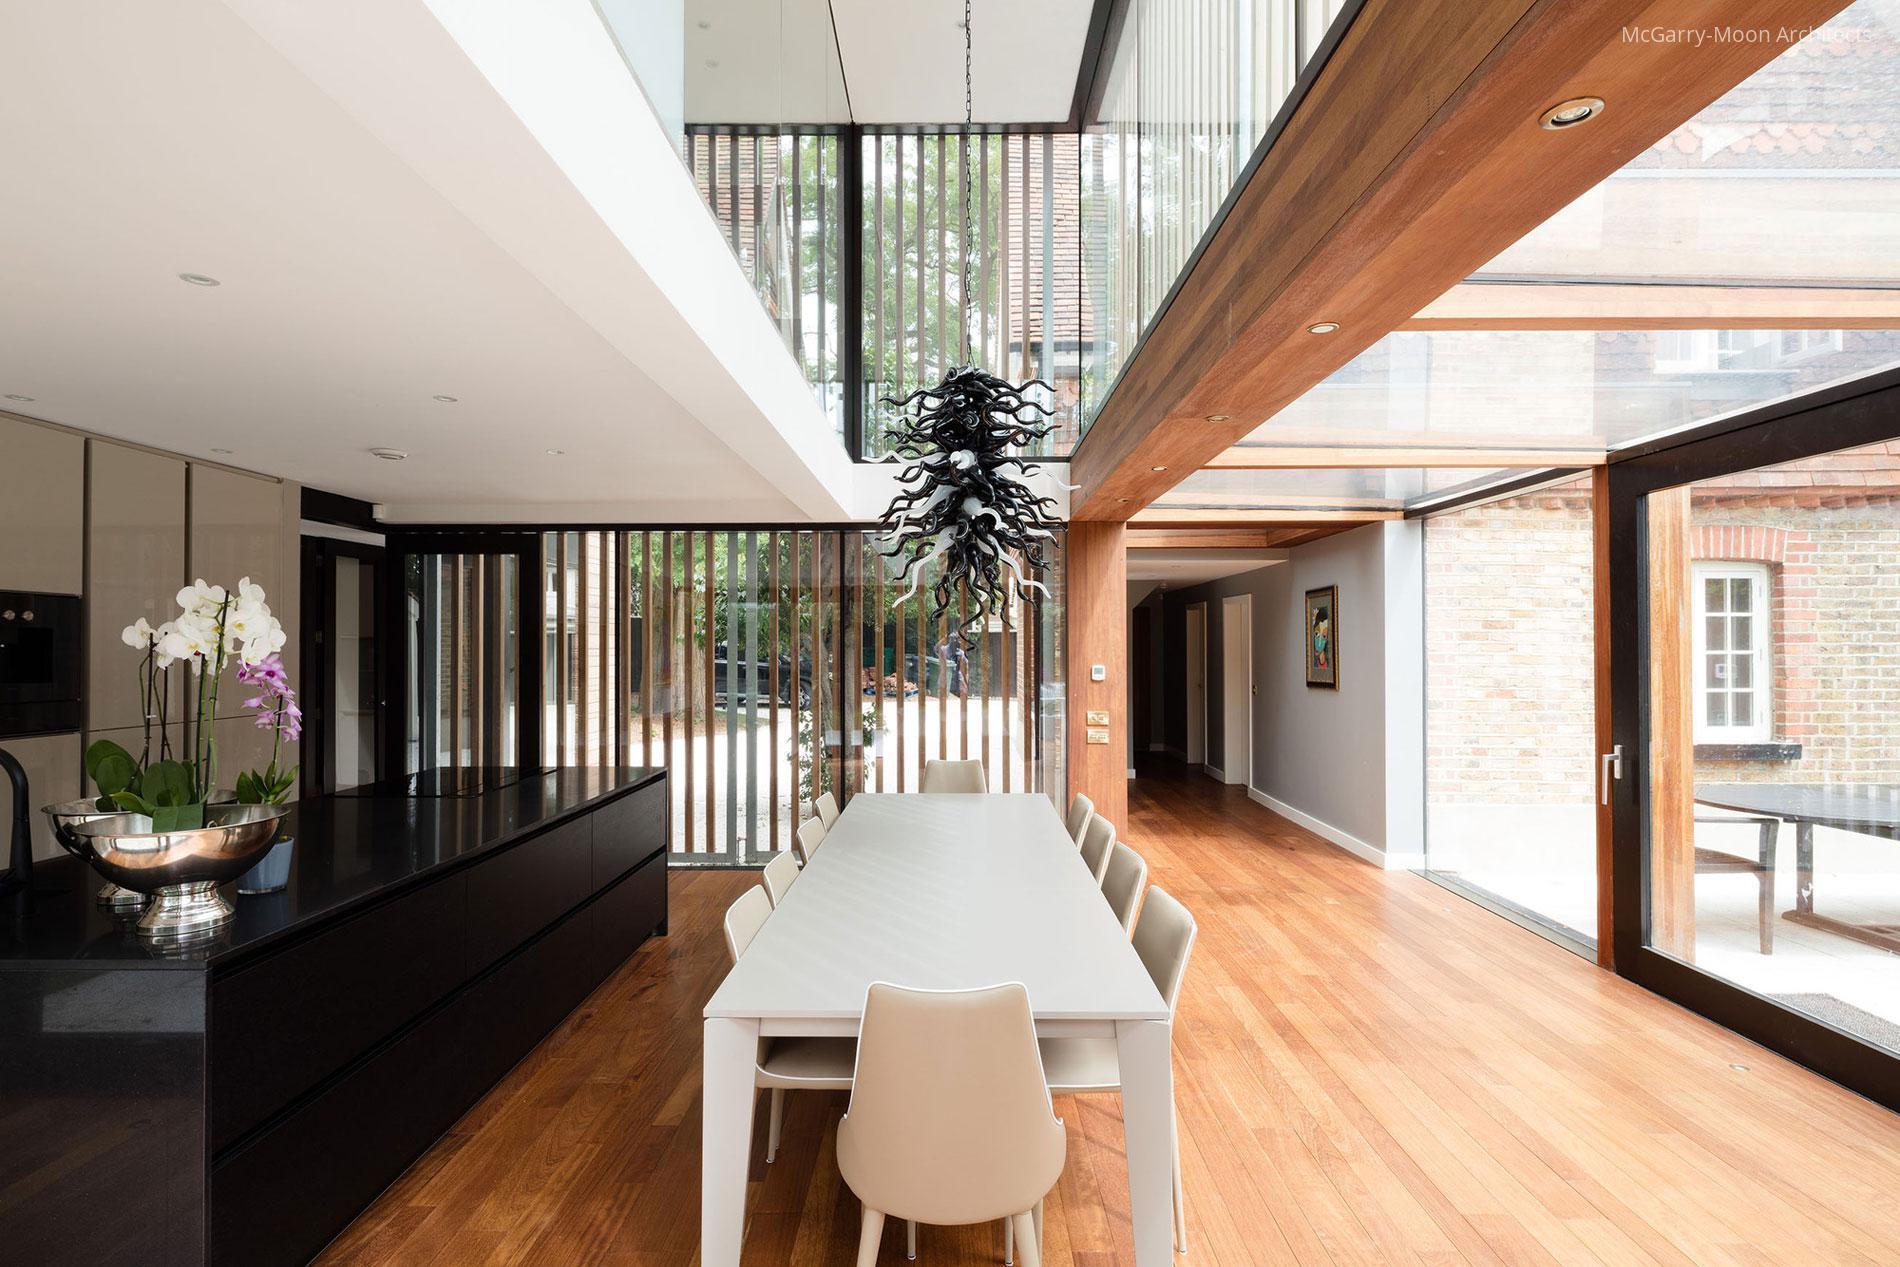 Üvegfalak a konyha körül // HOMEINFO.hu - Inspirációtár